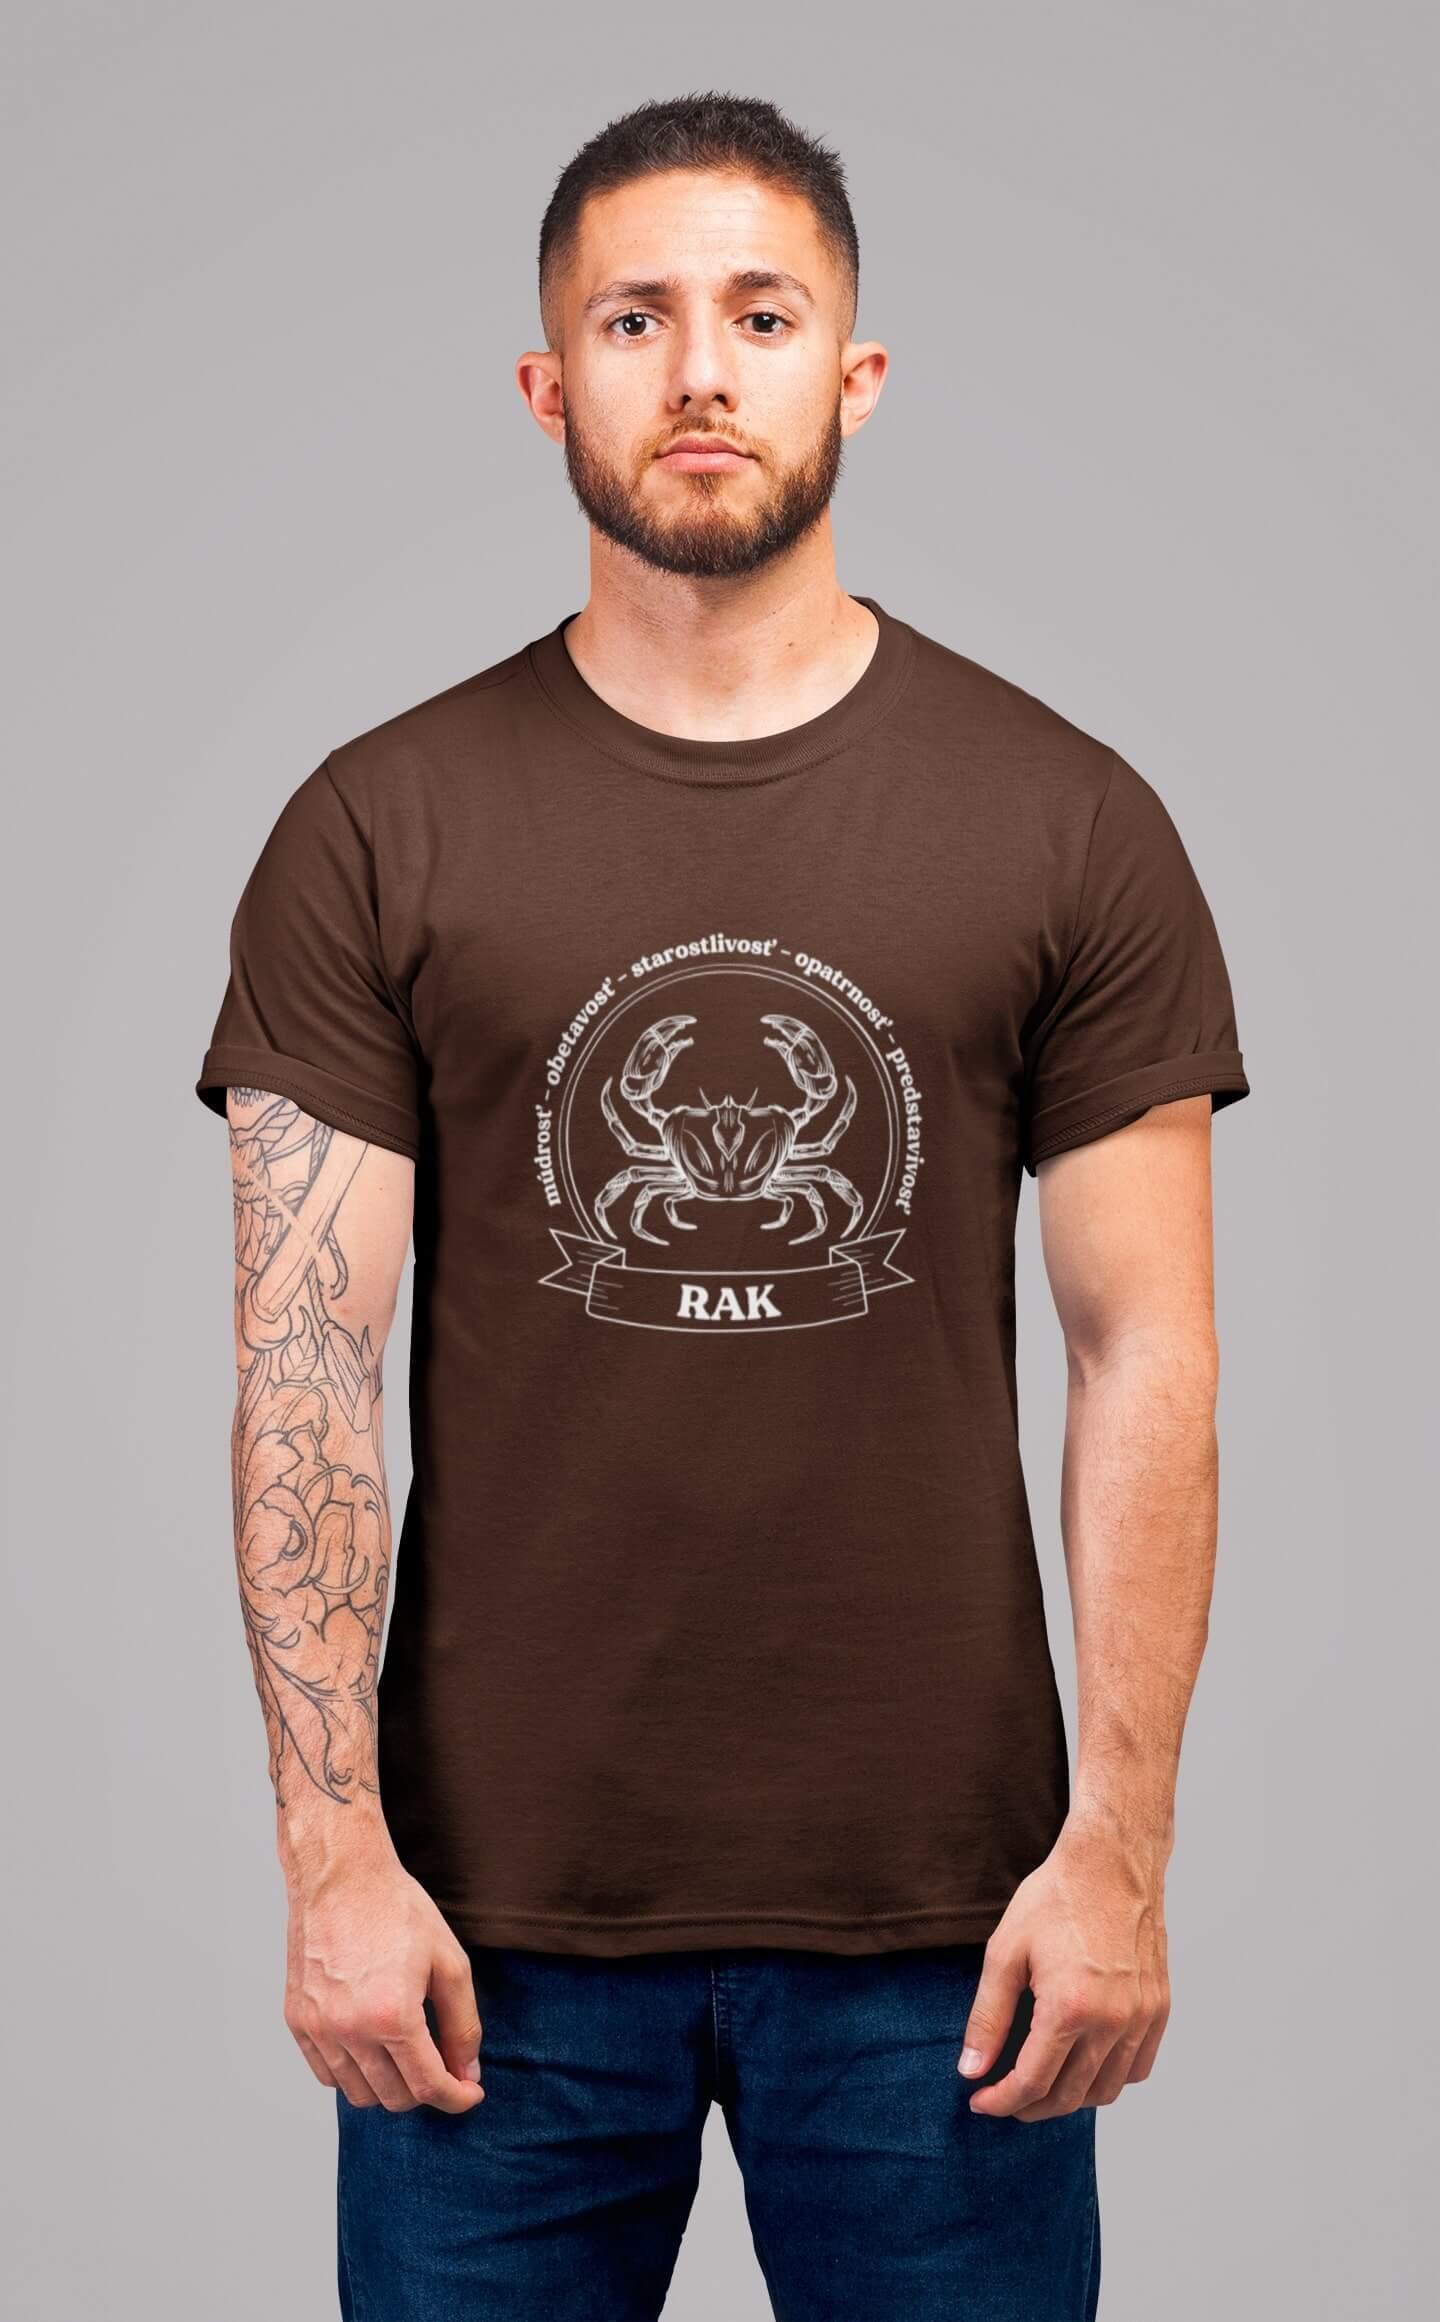 MMO Pánske tričko Rak Vyberte farbu: Čokoládová, Vyberte veľkosť: XL